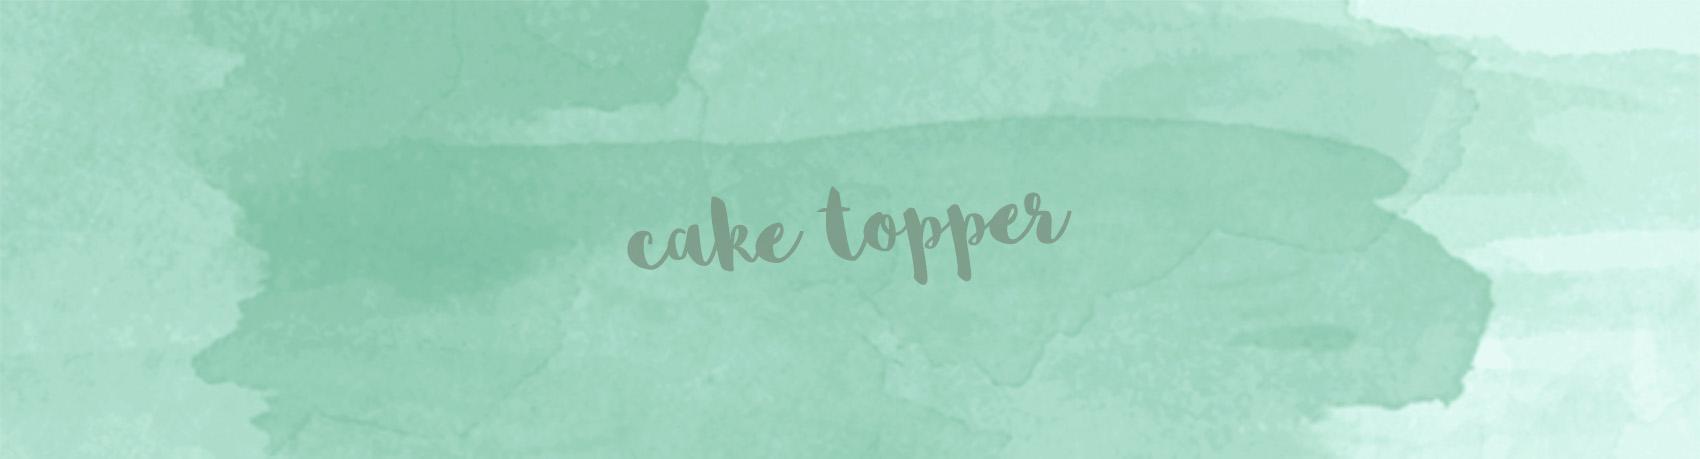 saras-cake-topper